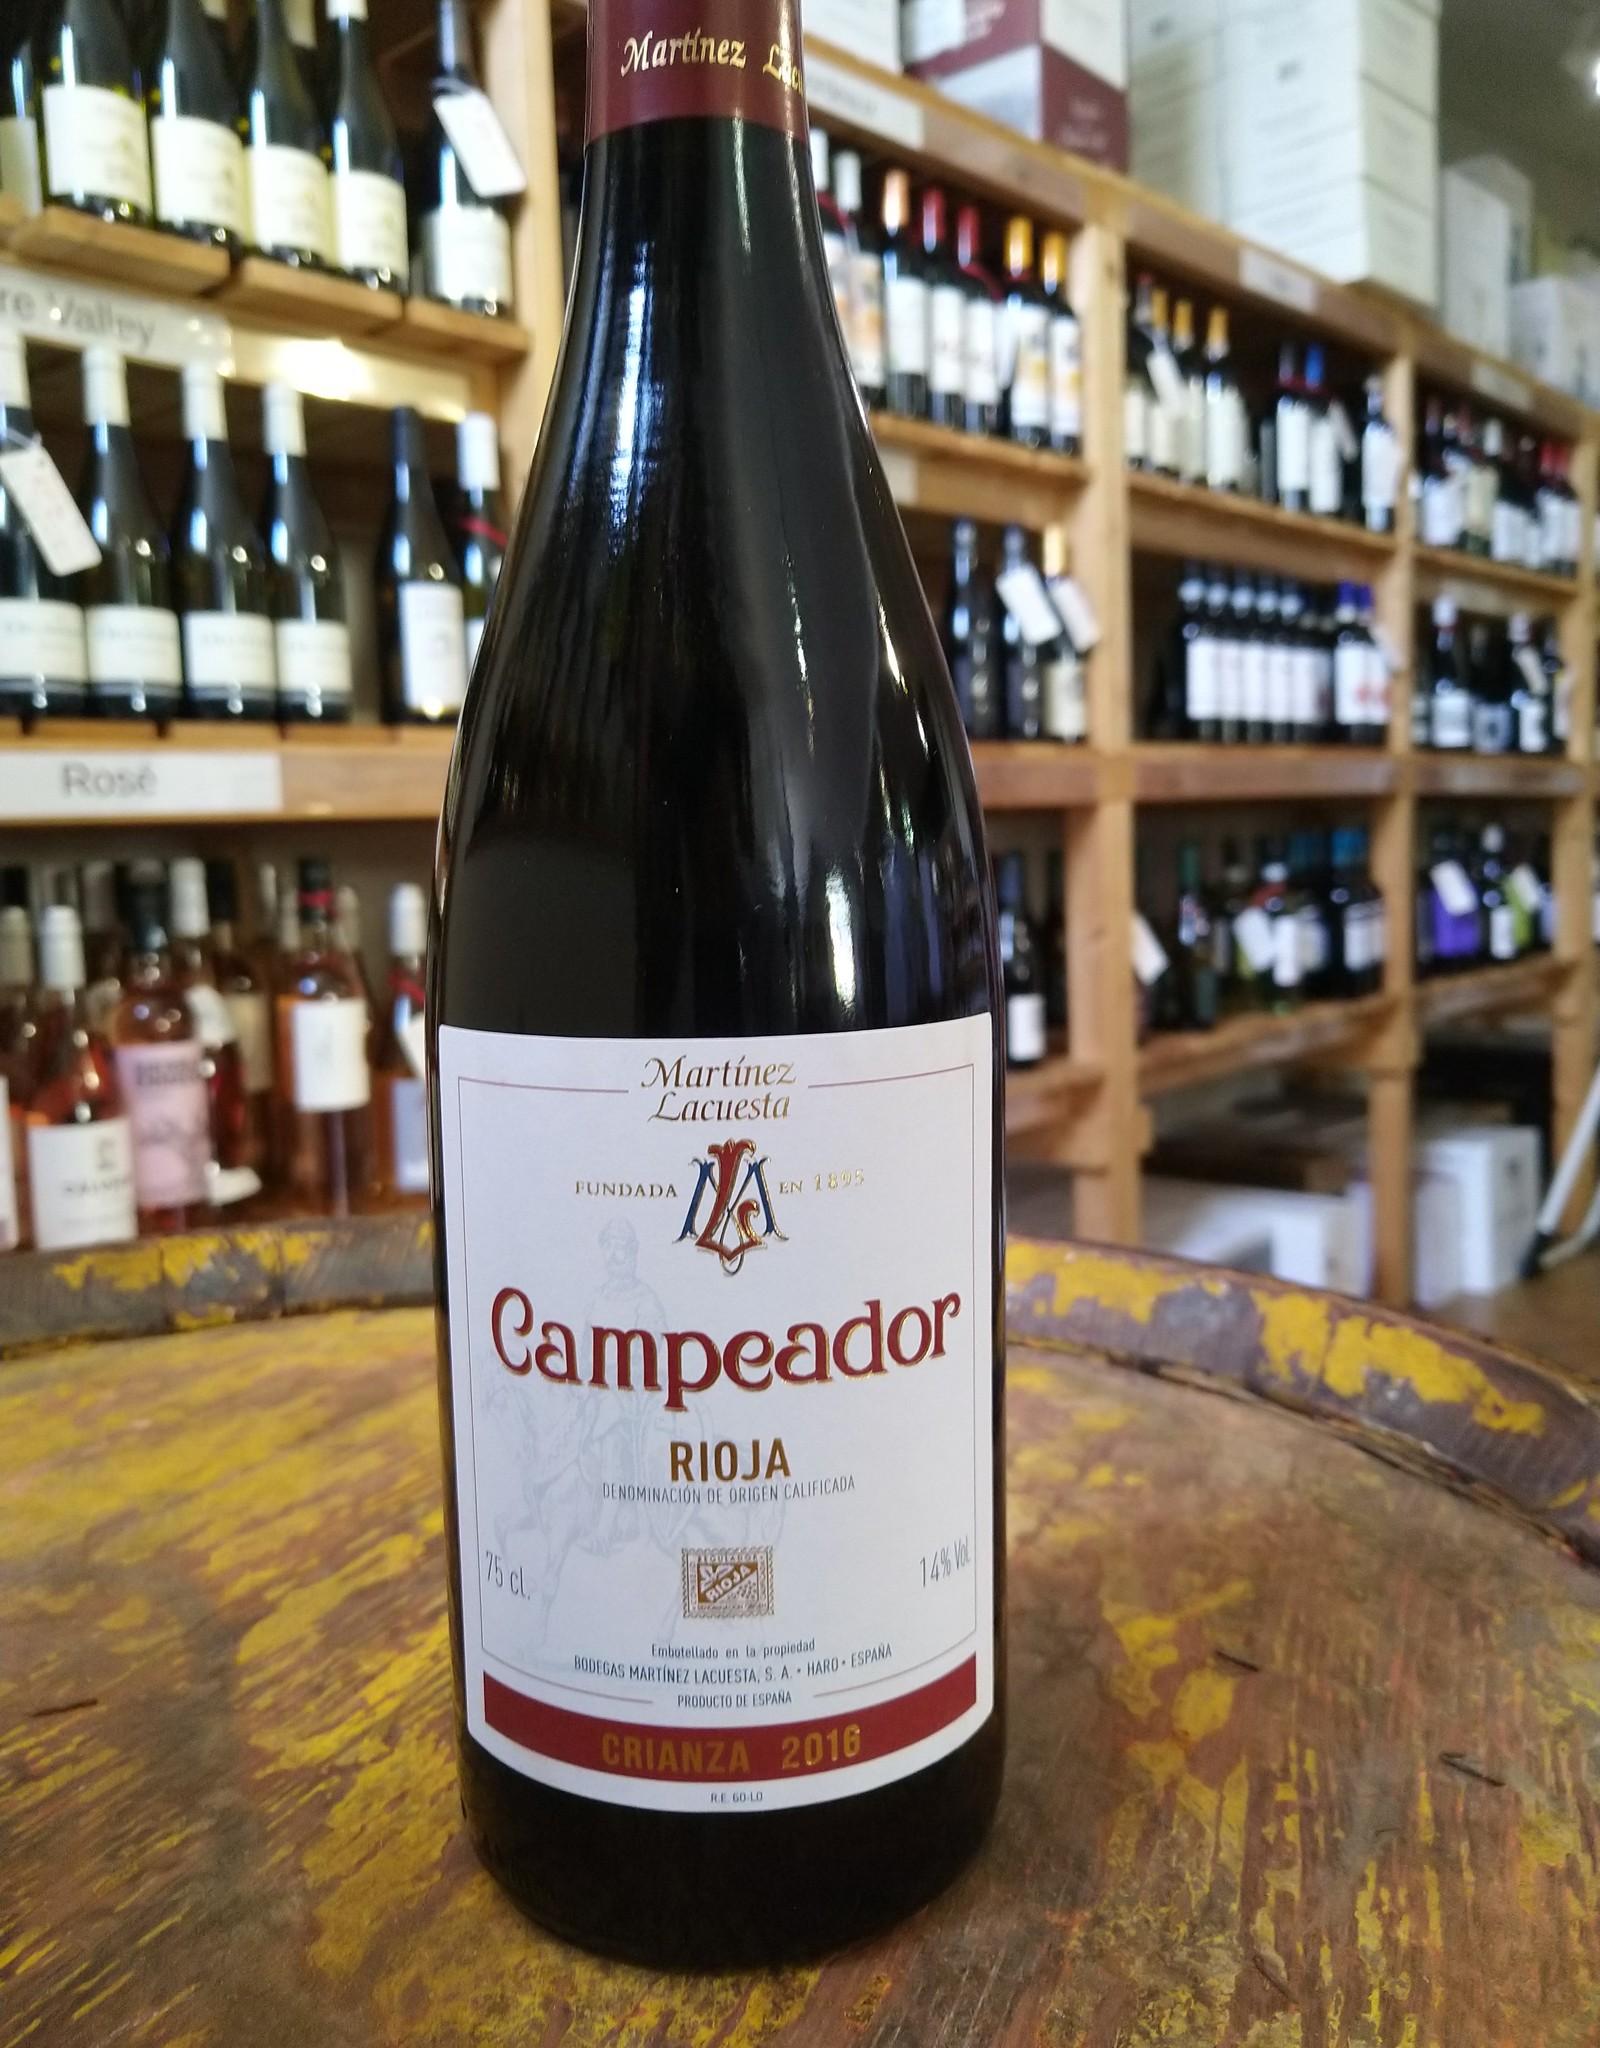 Martinez Lacuesta Rioja 2016 Campeador Crianza Rioja, Martinez Lacuesta